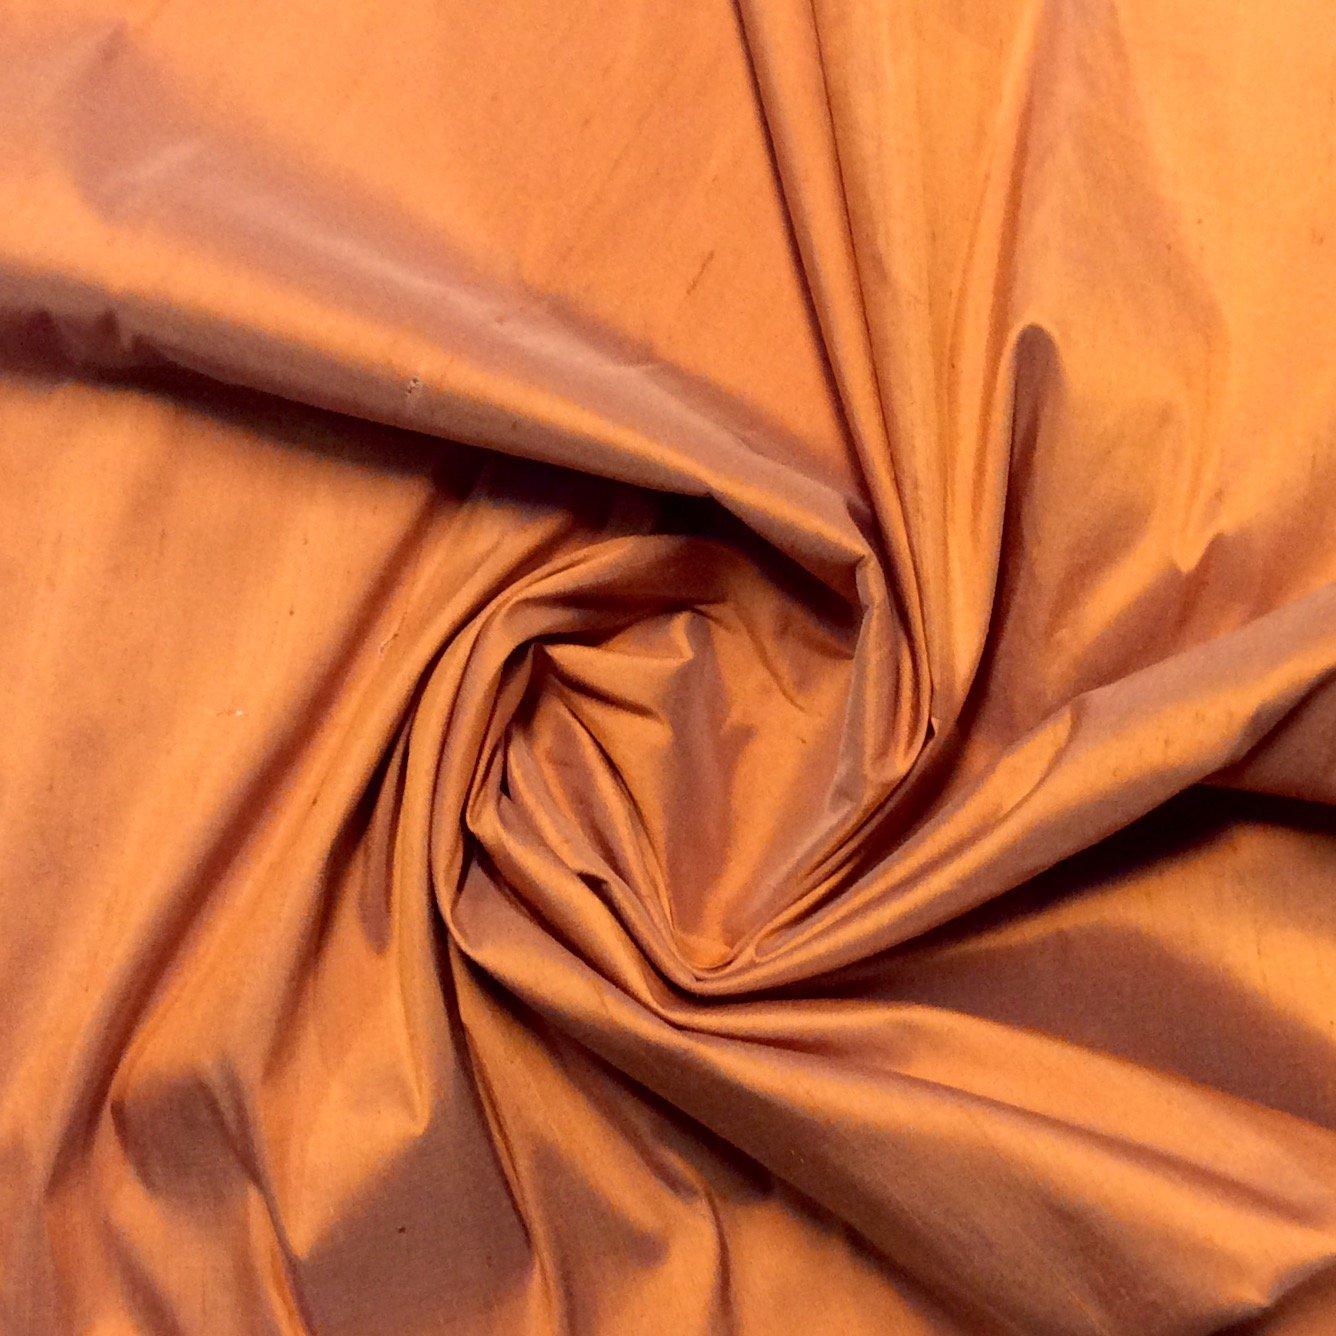 Dupioni Silk 100% Silk Apricot Copper Color Drapery Silk Costume Apparel Sewing Fabric SMW002